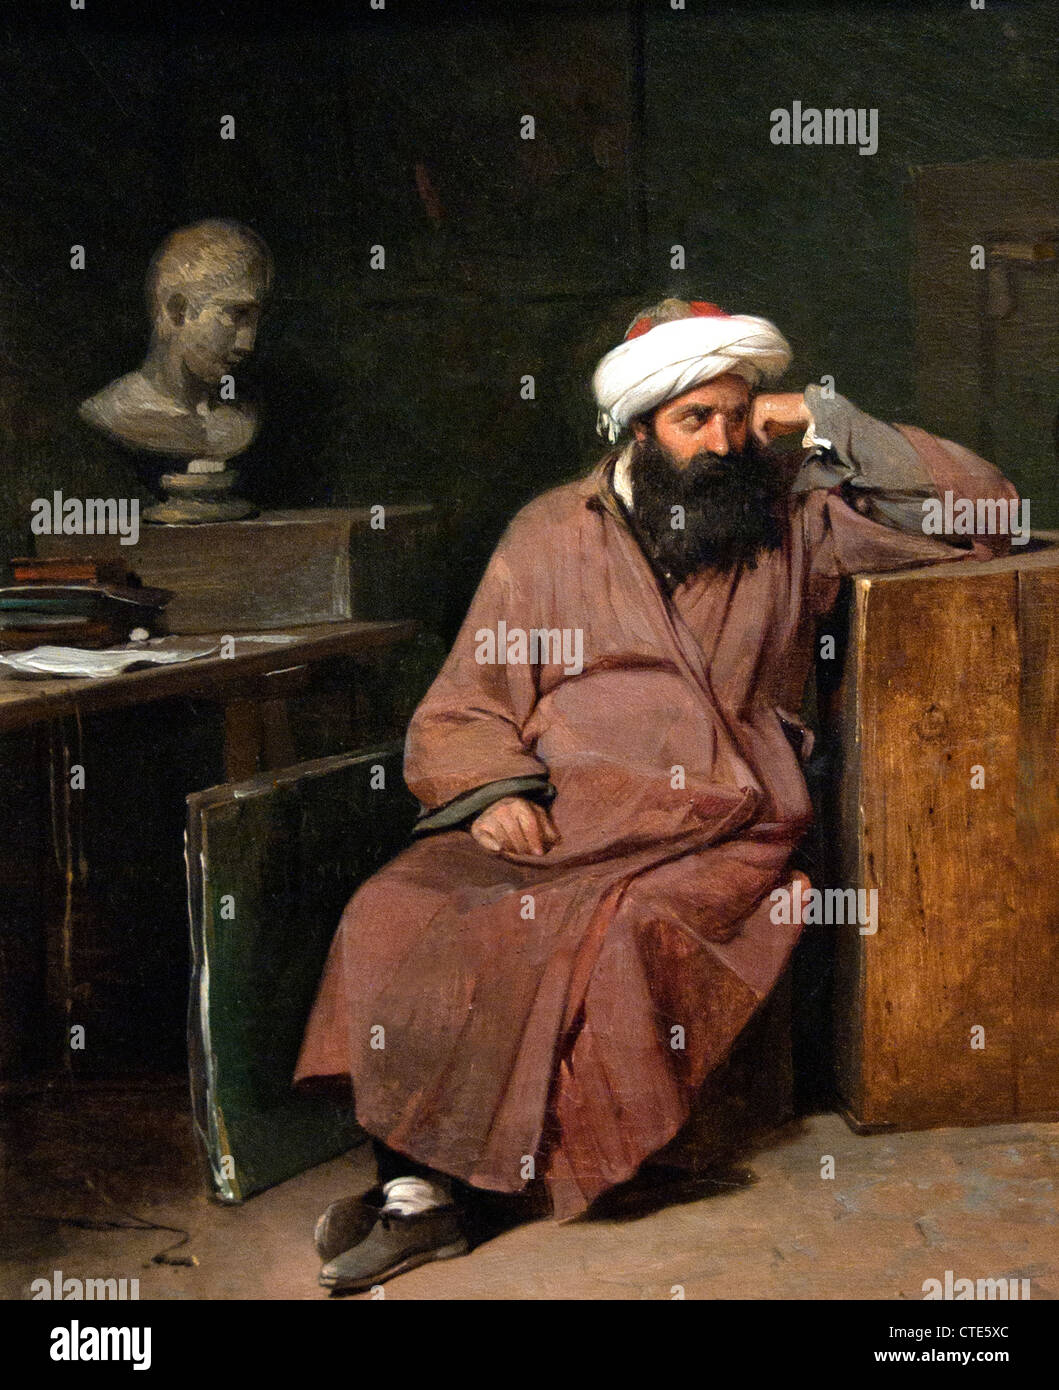 Uomo in costume orientale in Studio dell'artista Auguste Xavier Leprince 1799-1826 il francese in Francia Immagini Stock